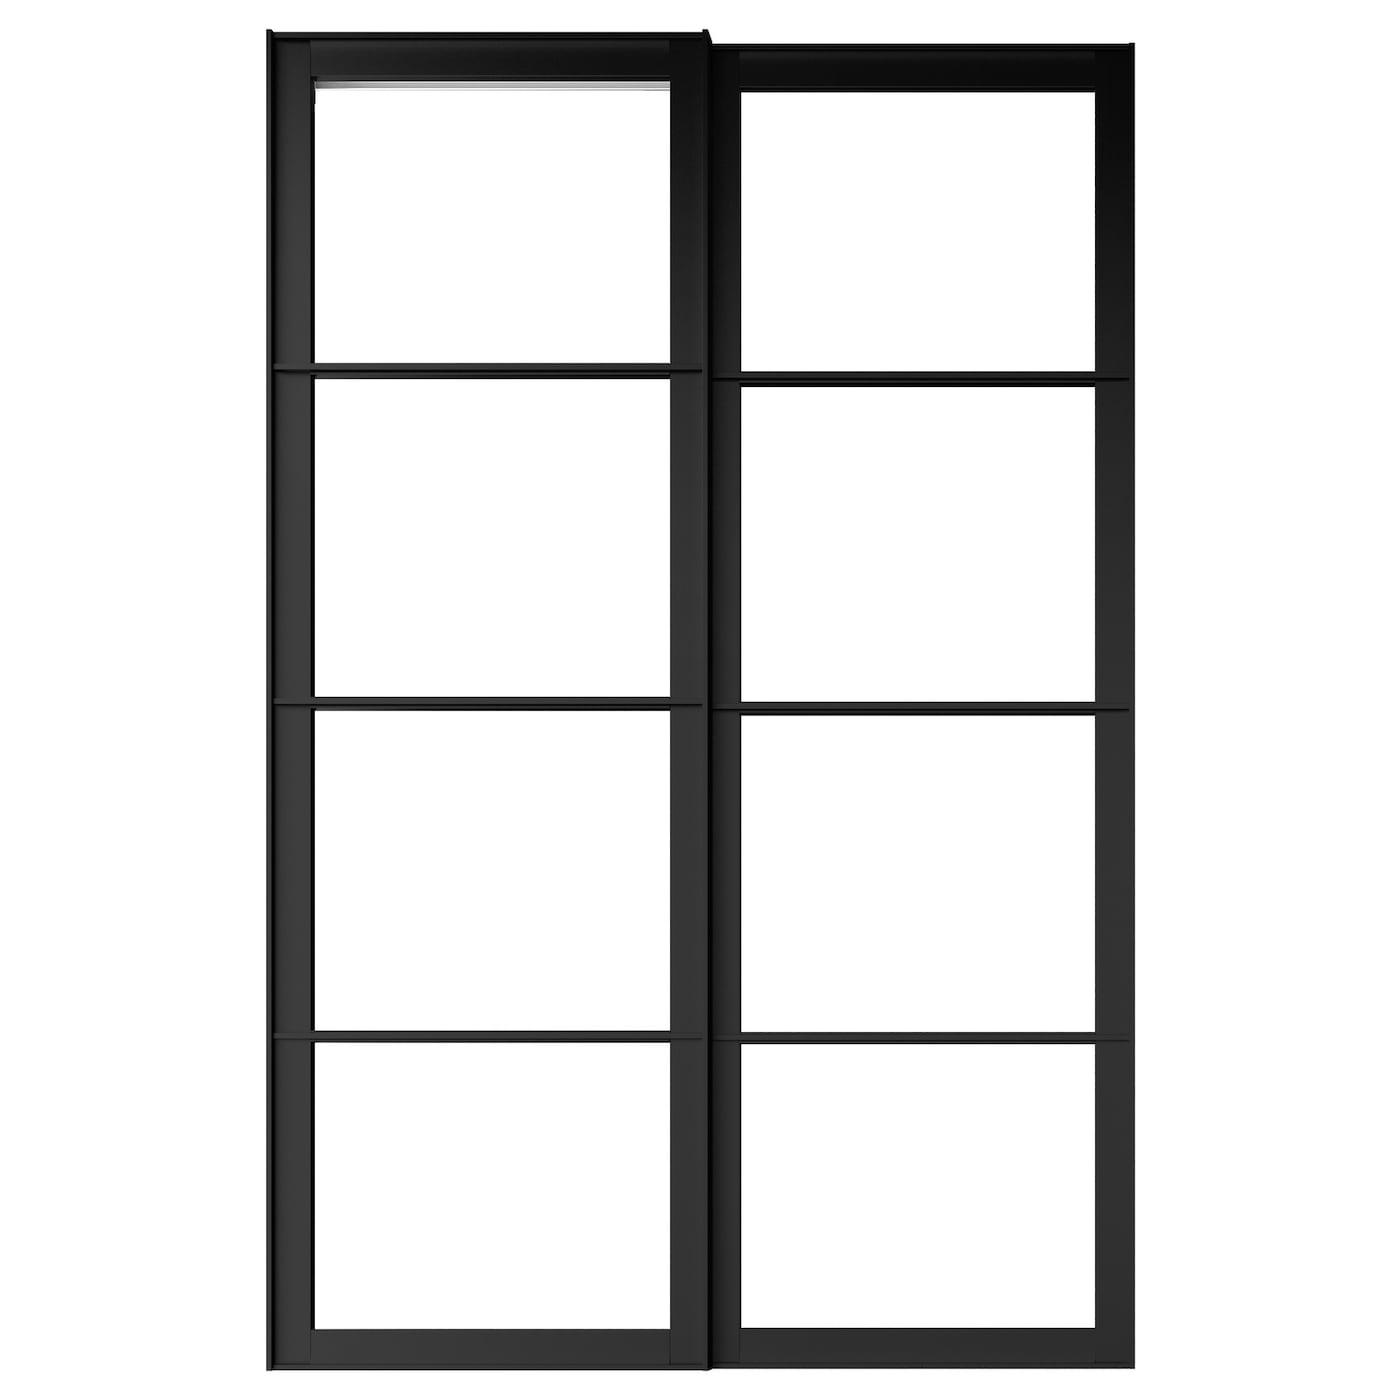 PAX Cadre Porte Coulissante Pces Noir X Cm IKEA - Portes coulissantes japonaises